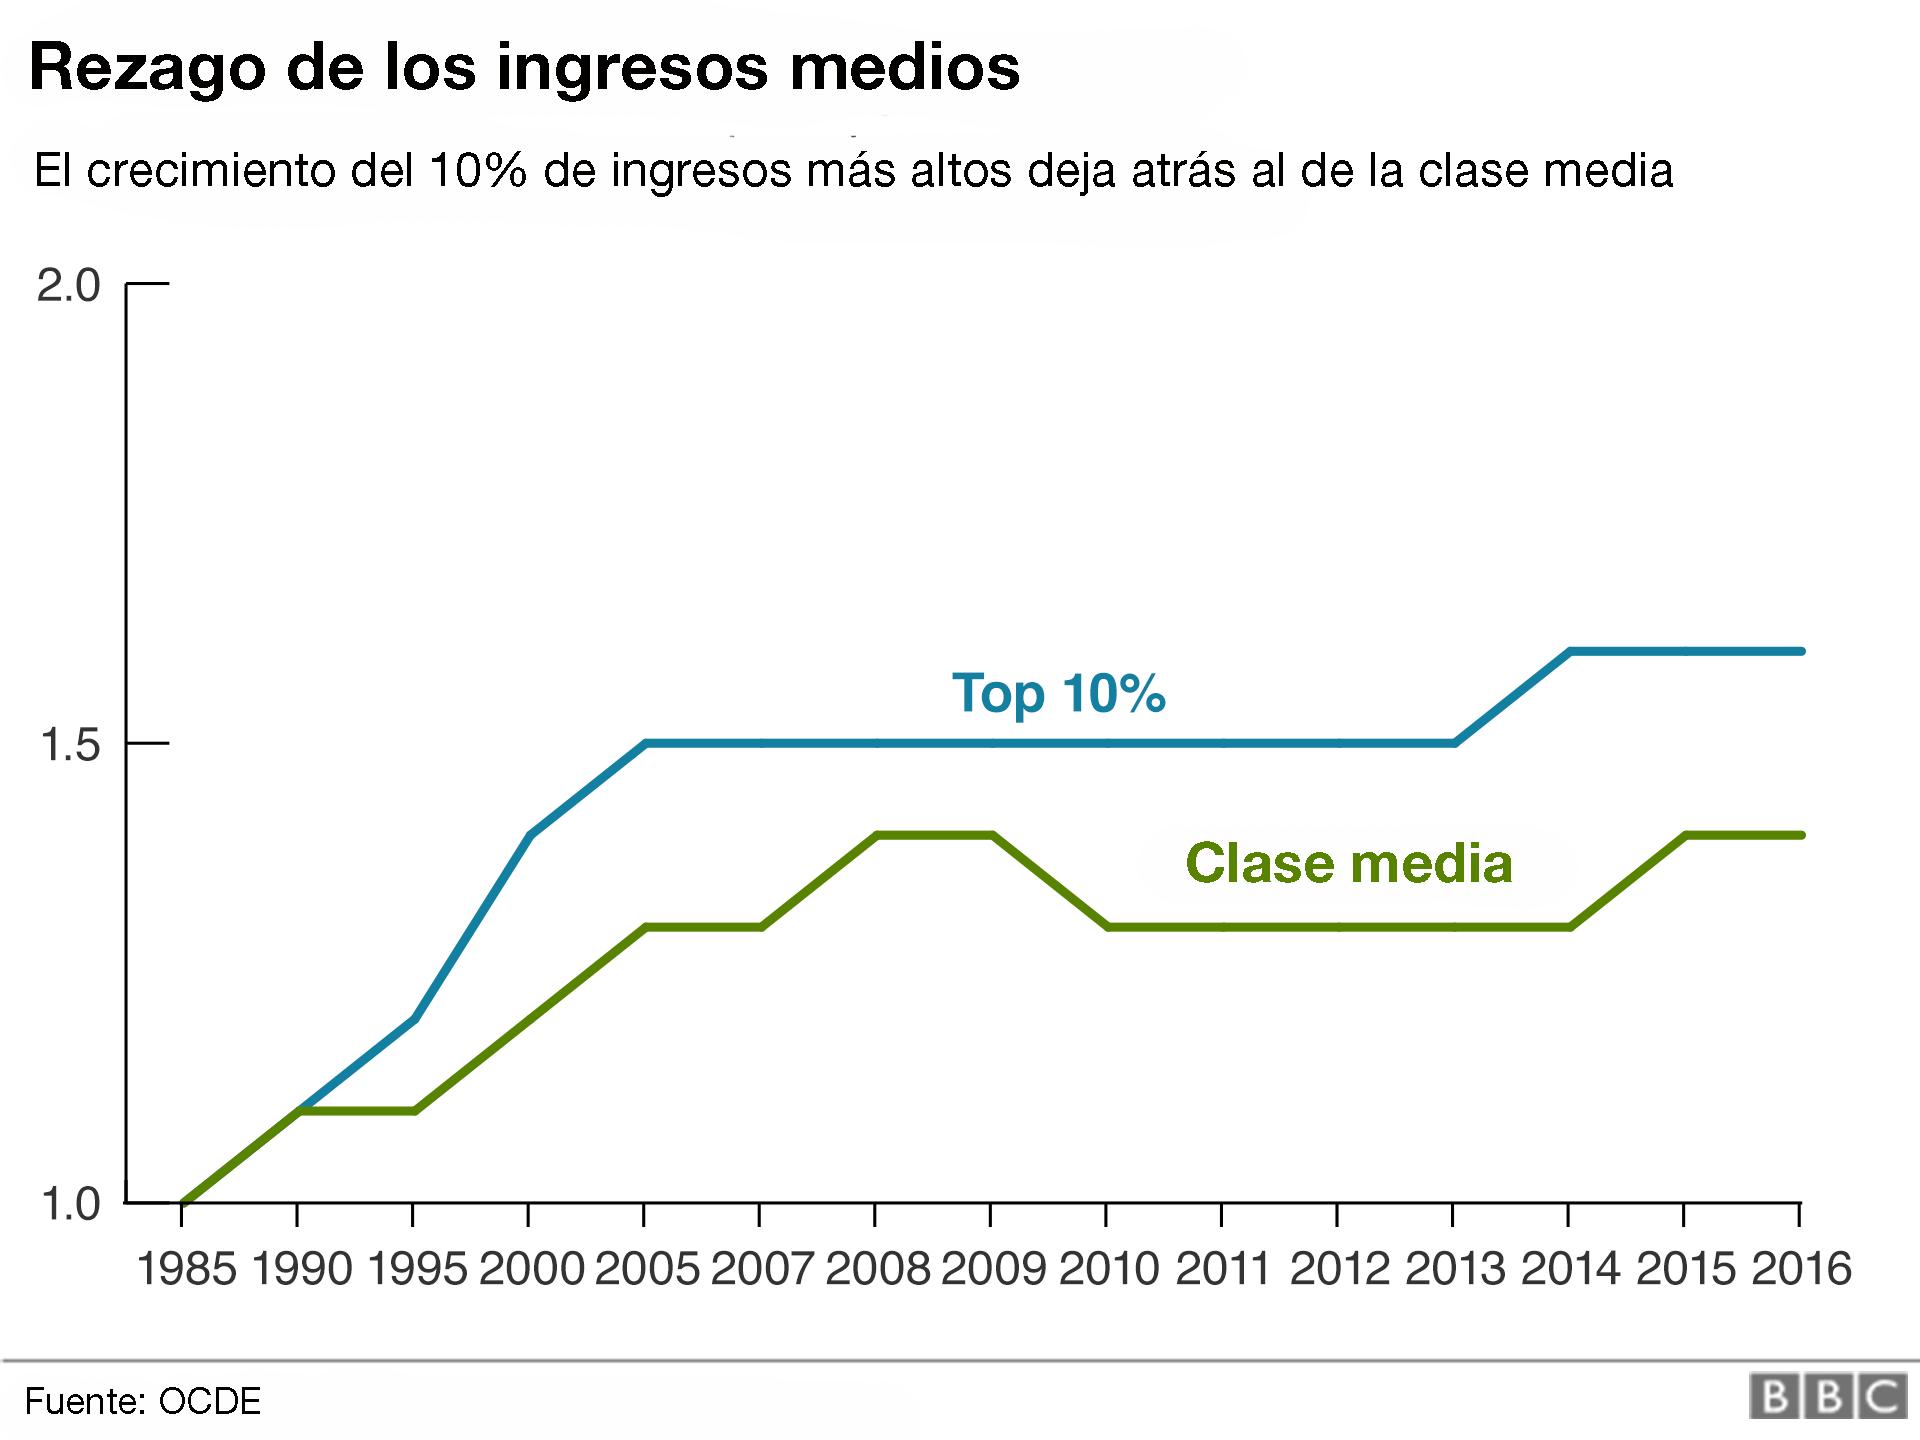 Gráfico de la evolución del ingreso medio